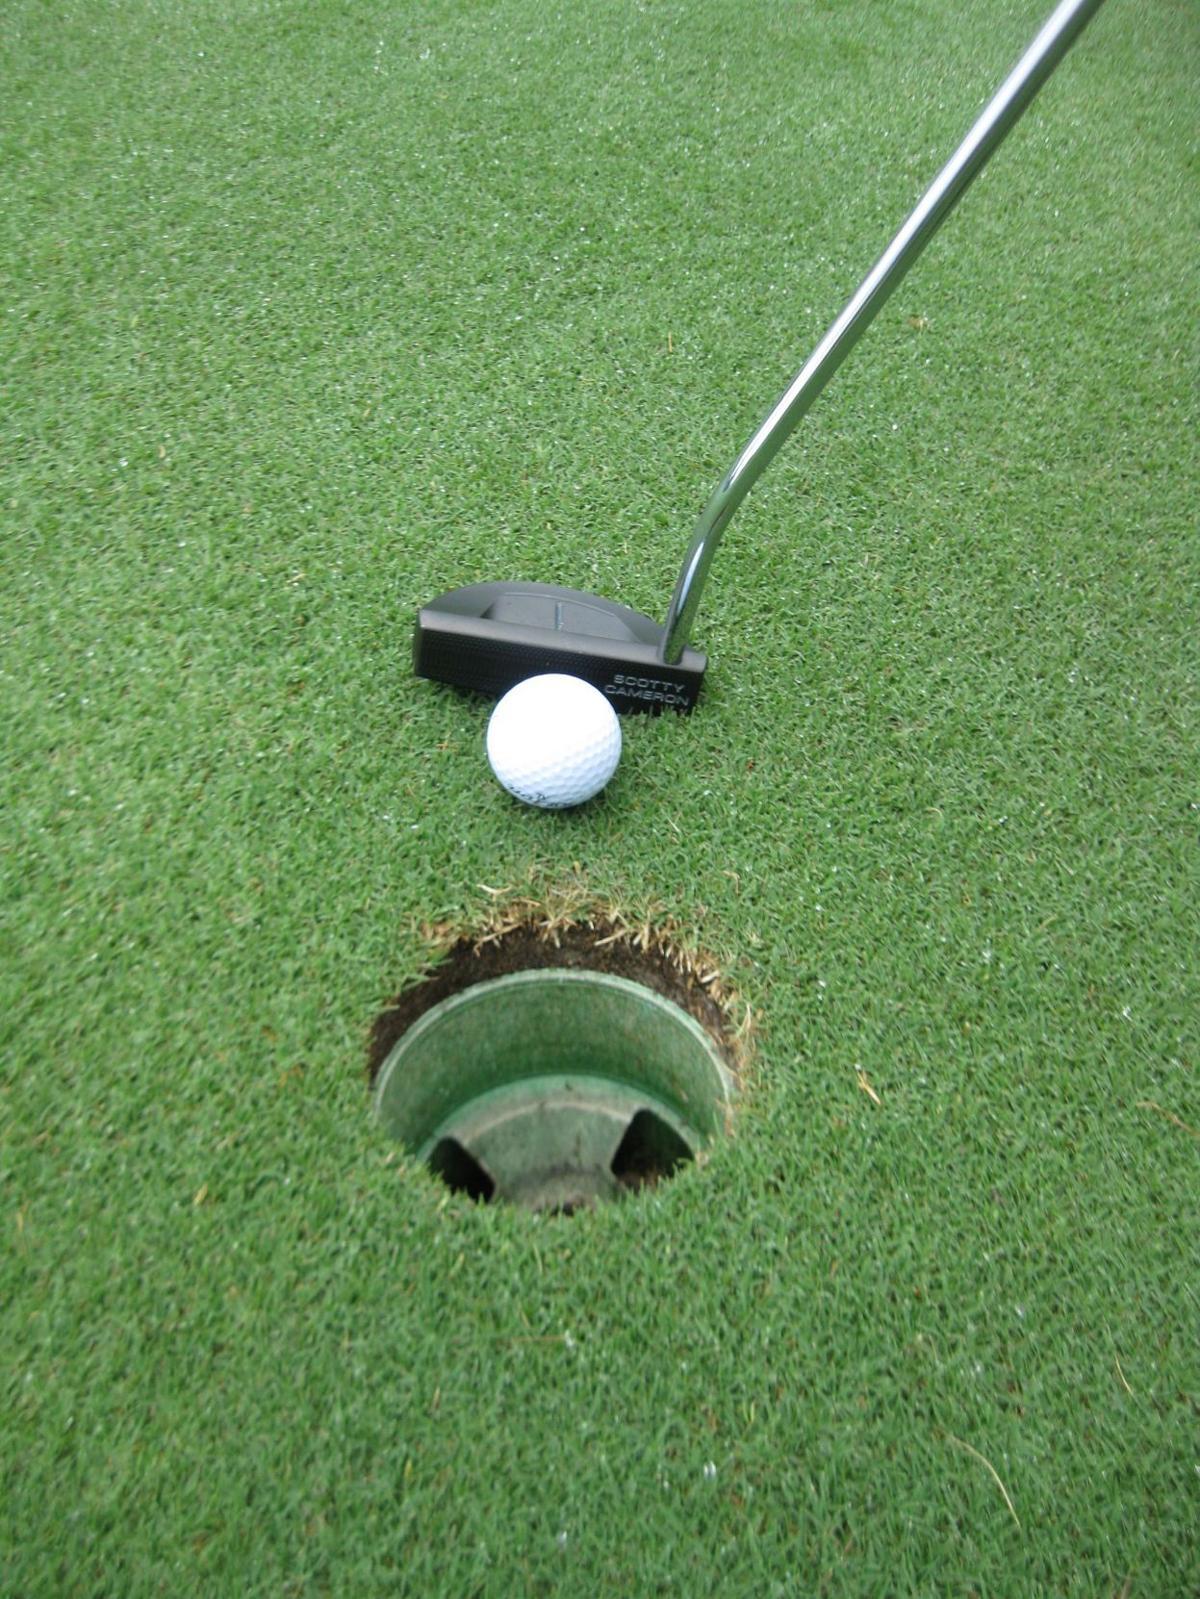 Second round of Senior Azalea golf canceled